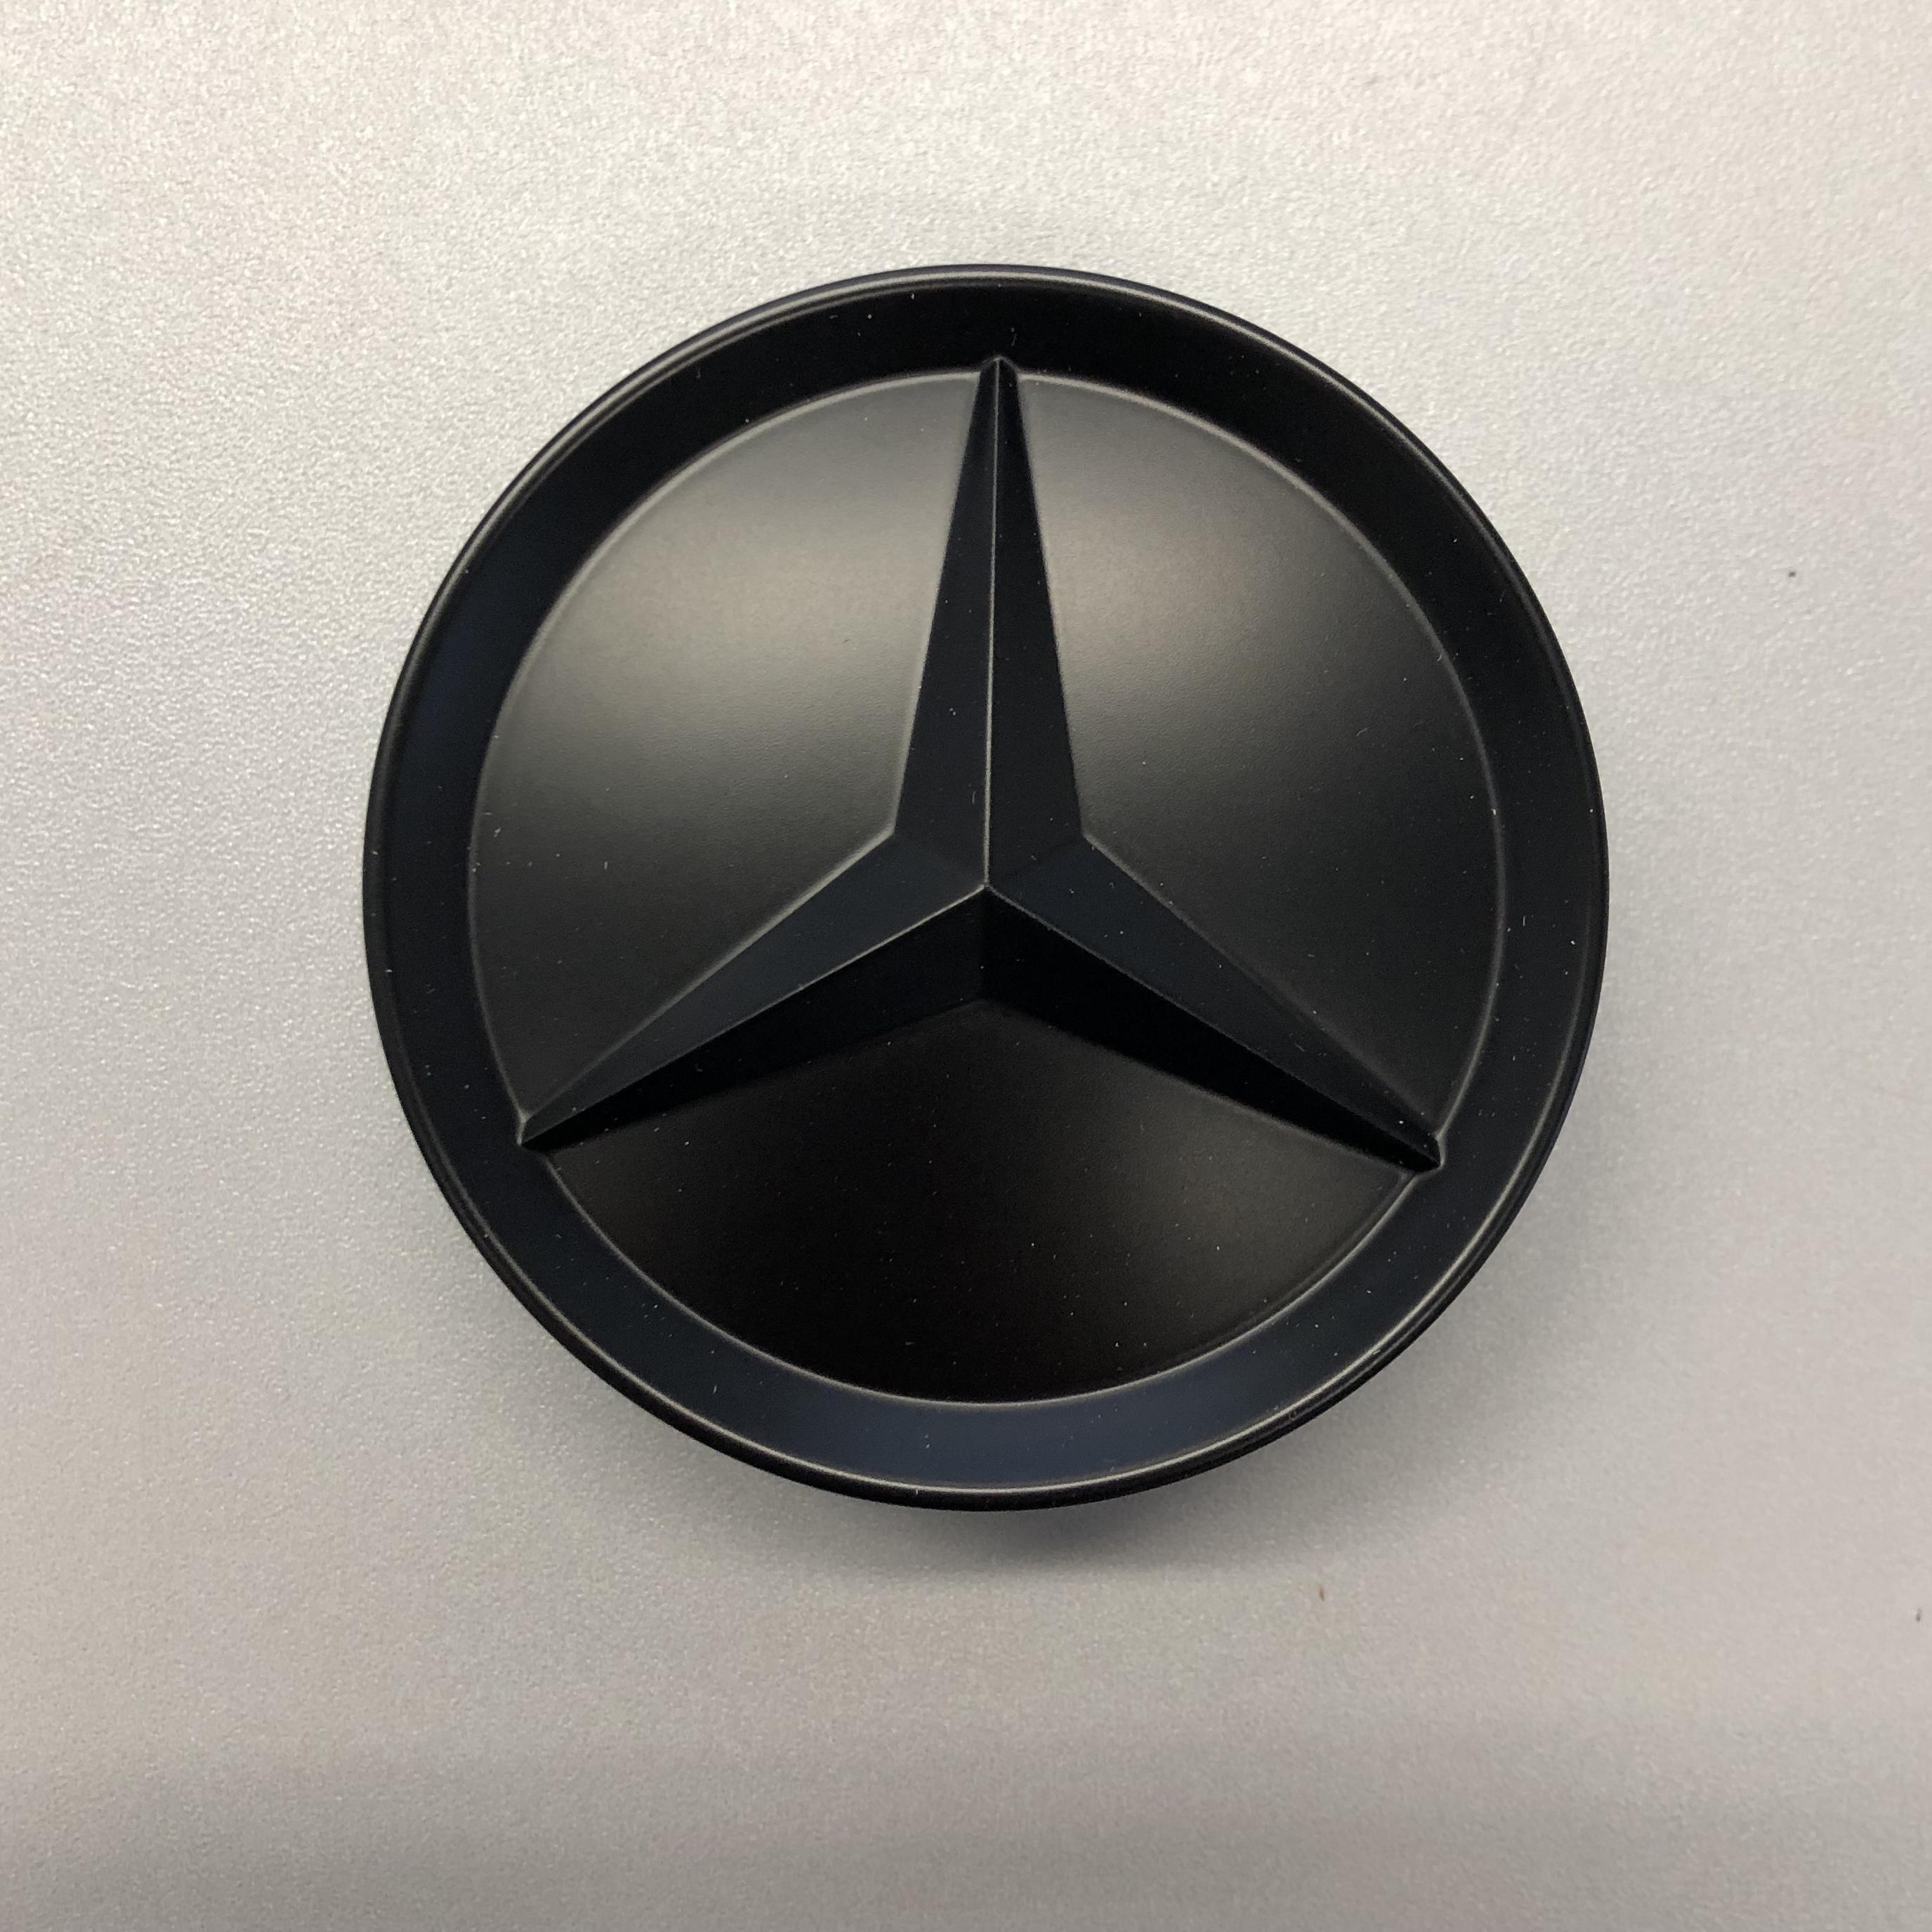 Nabendeckel schwarz für Mercedes Alufelge